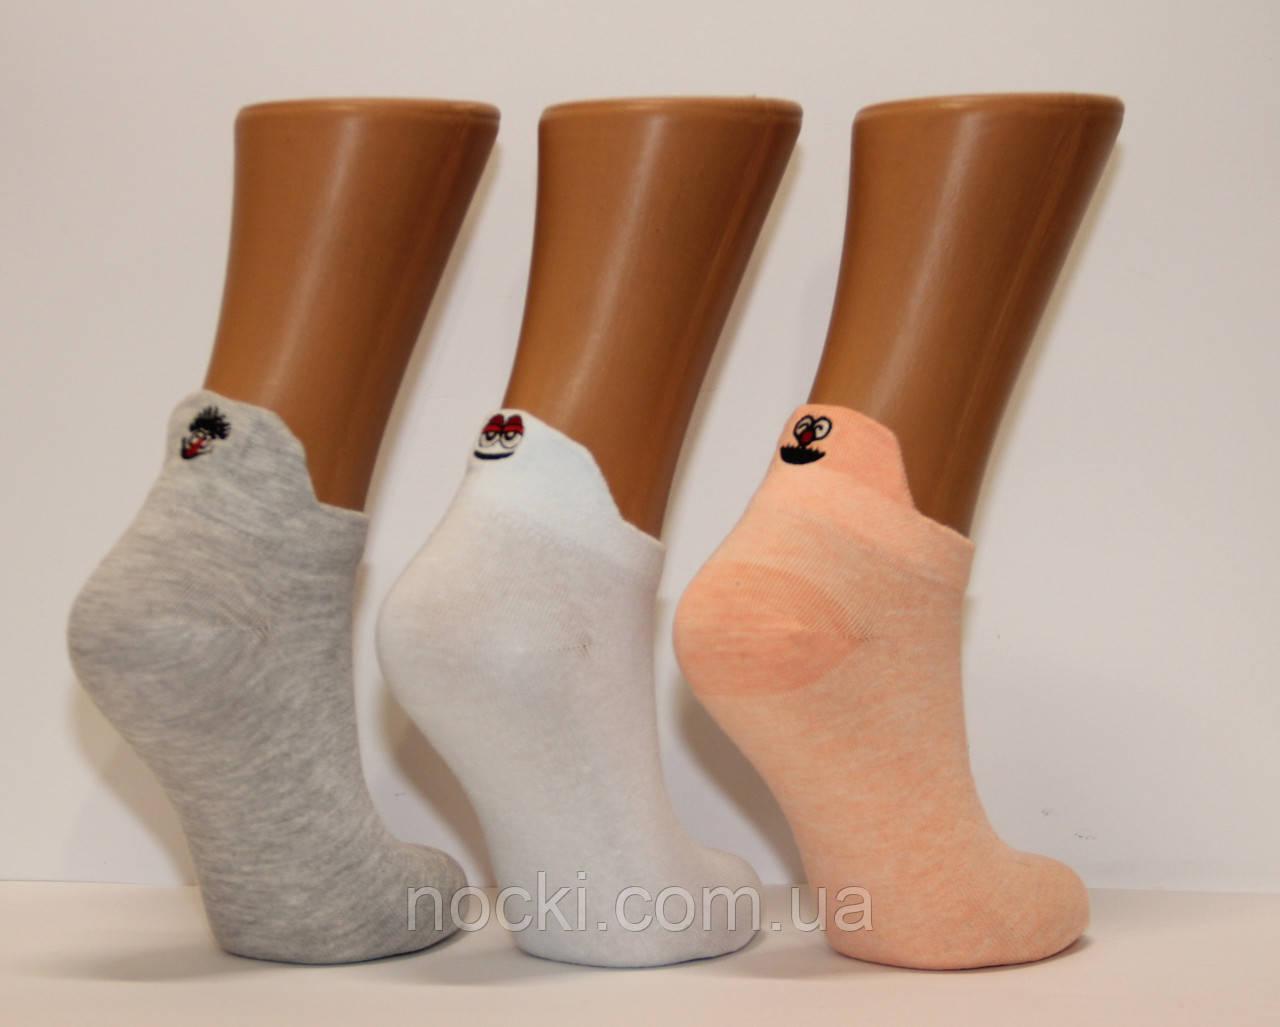 Женские носки короткие с вышивкой Ф3